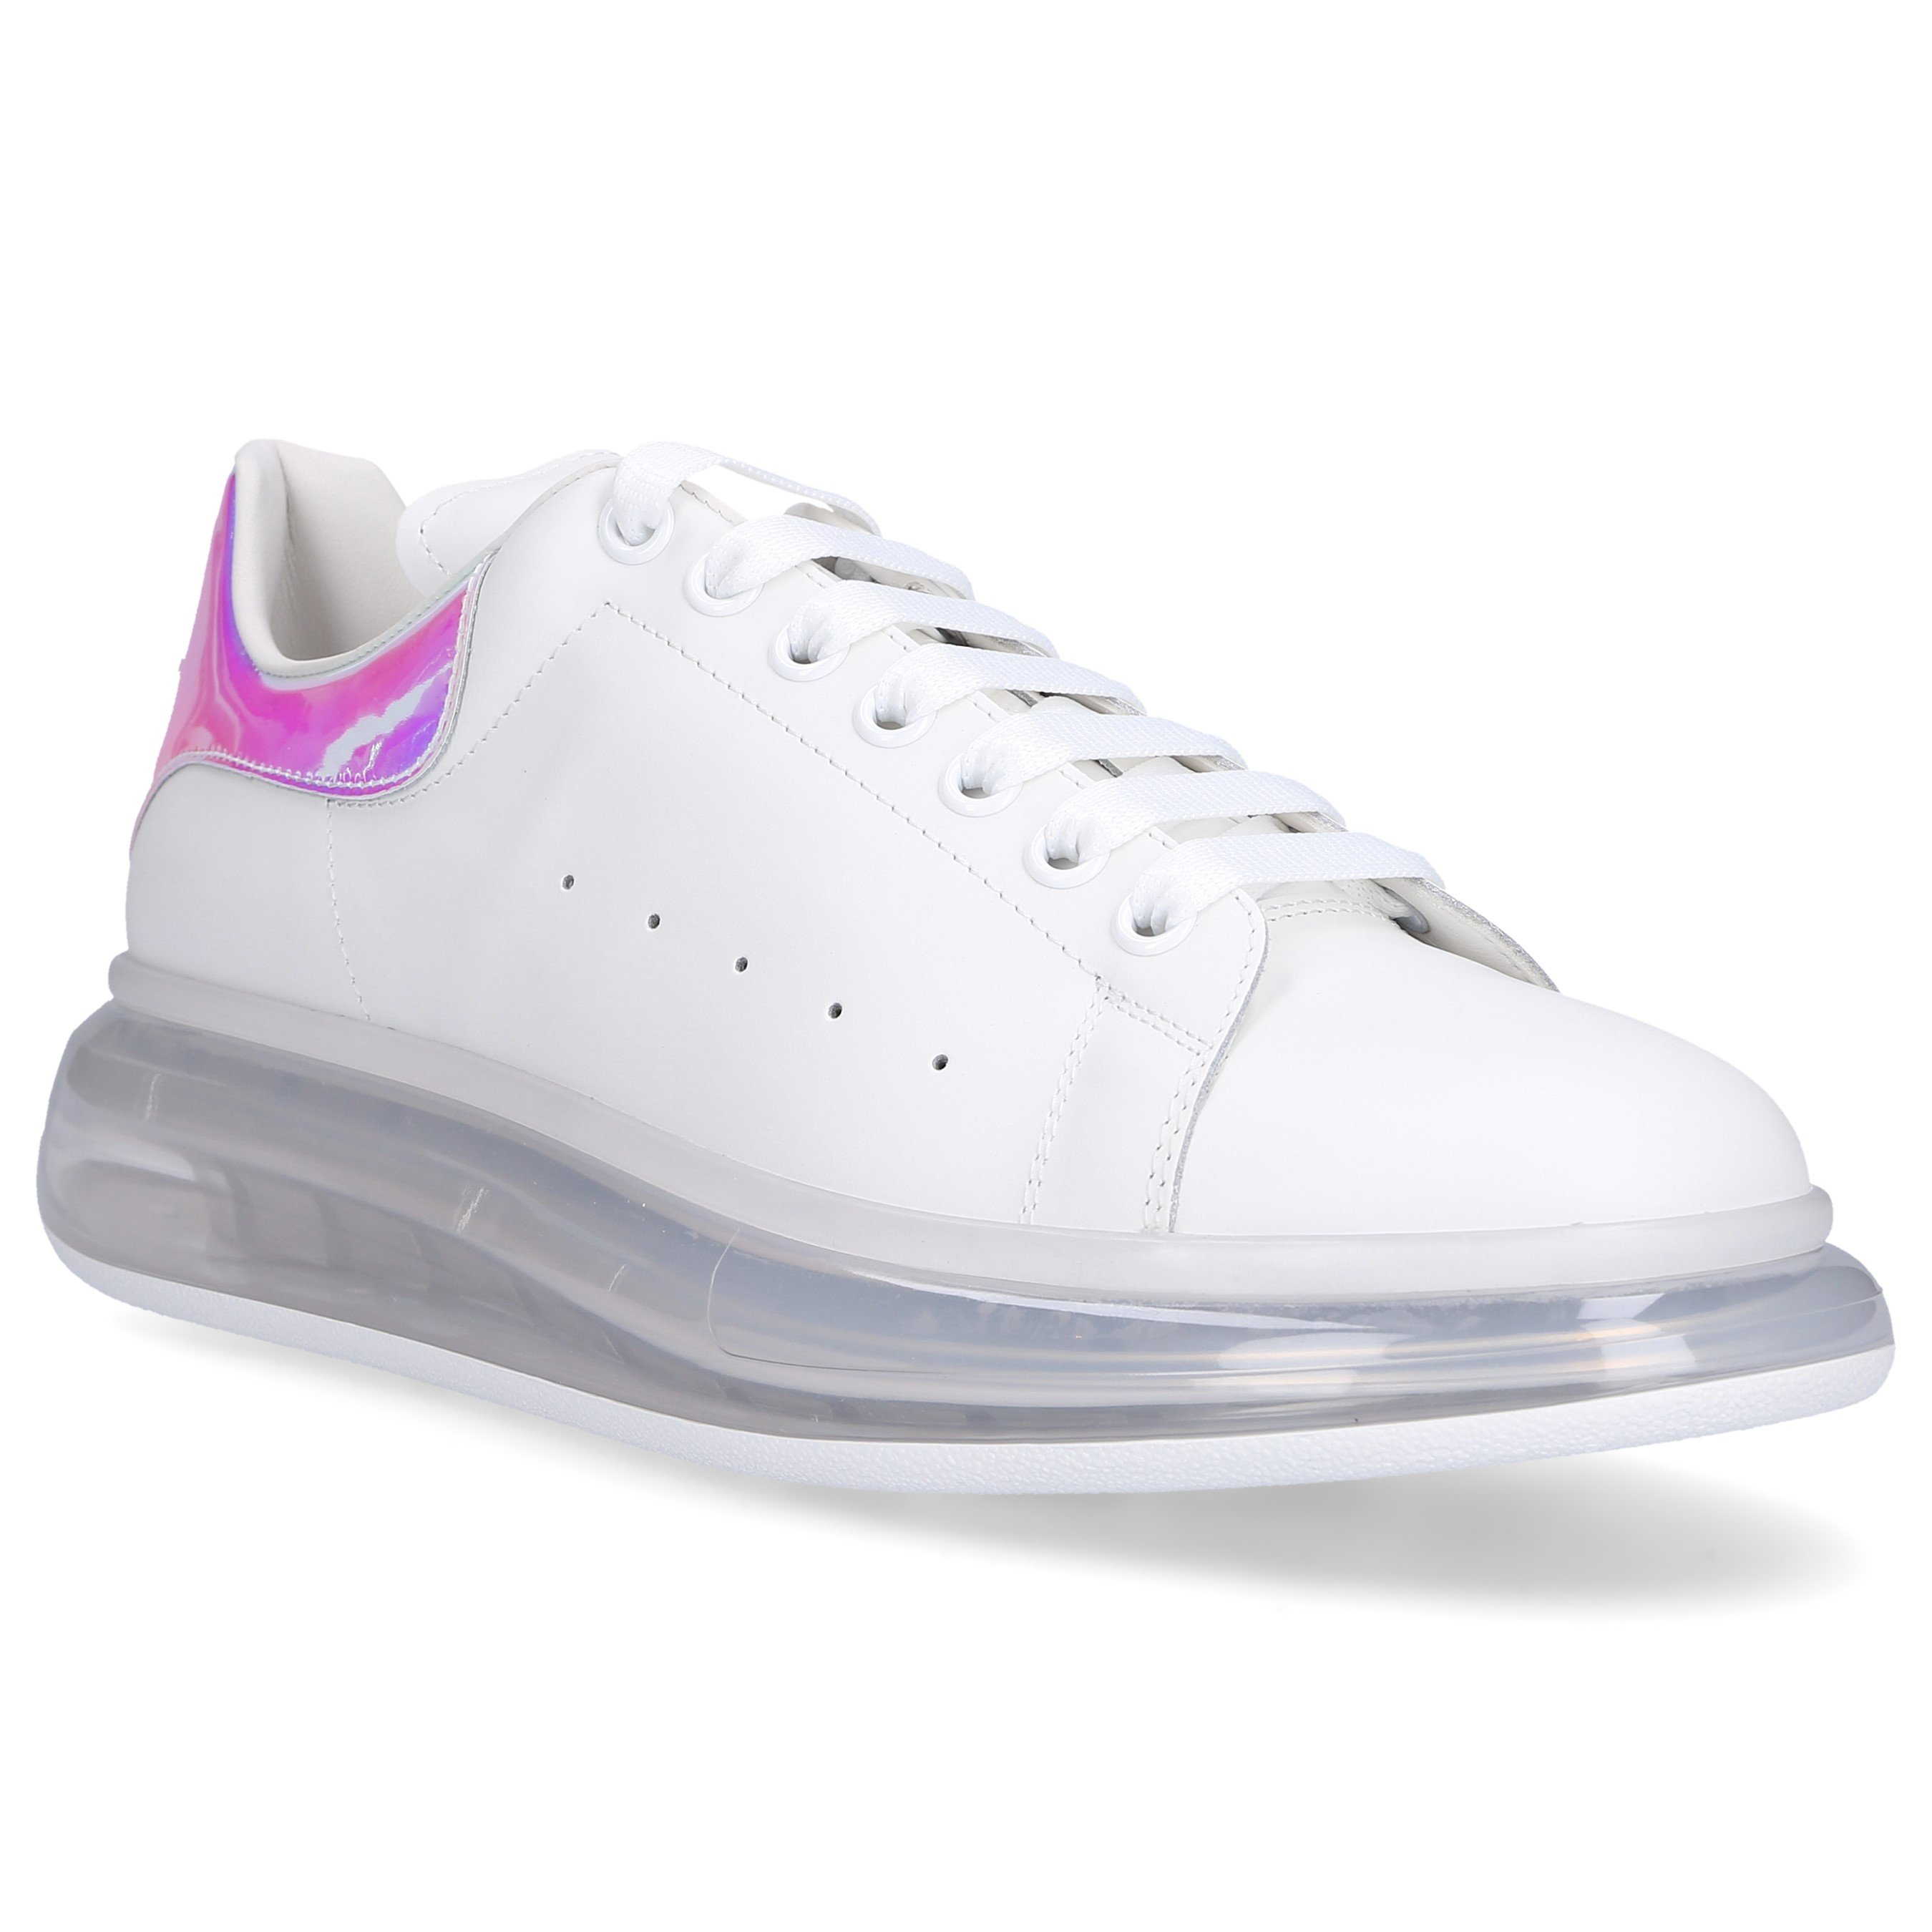 Alexander McQUEEN sneakers - Dattobs Webstore